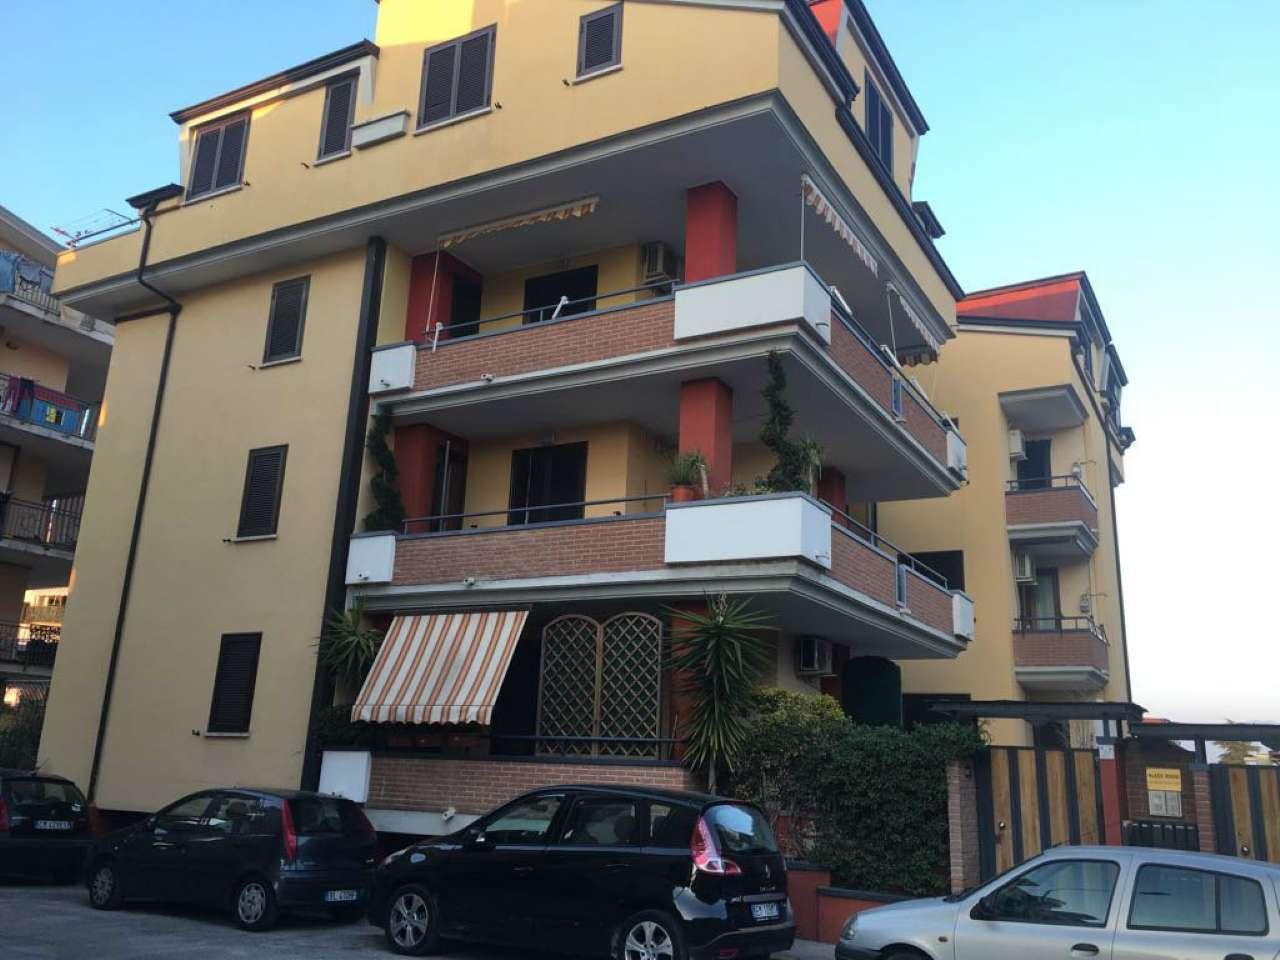 Appartamento in vendita a Acerra, 2 locali, prezzo € 98.000 | CambioCasa.it